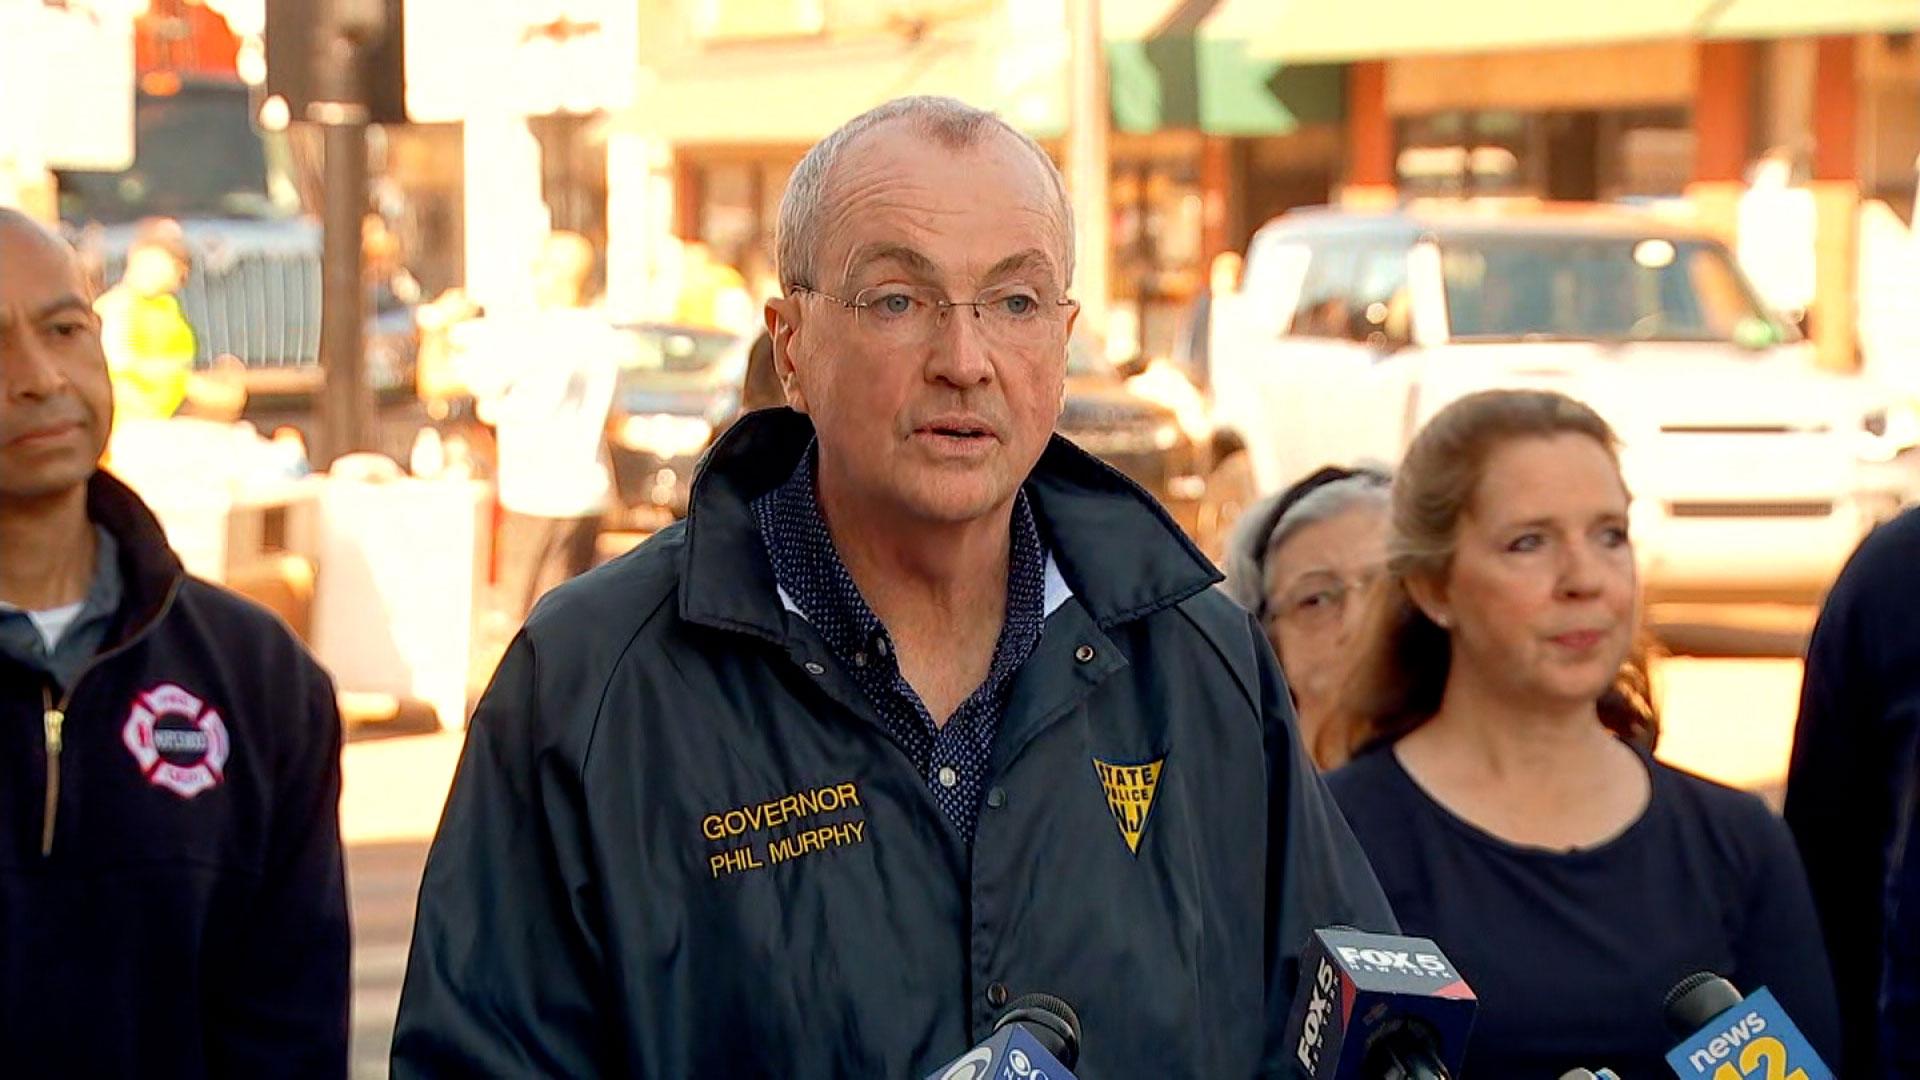 Gov. Phil Murphy speaks in Millburn, New Jersey, on September 3.